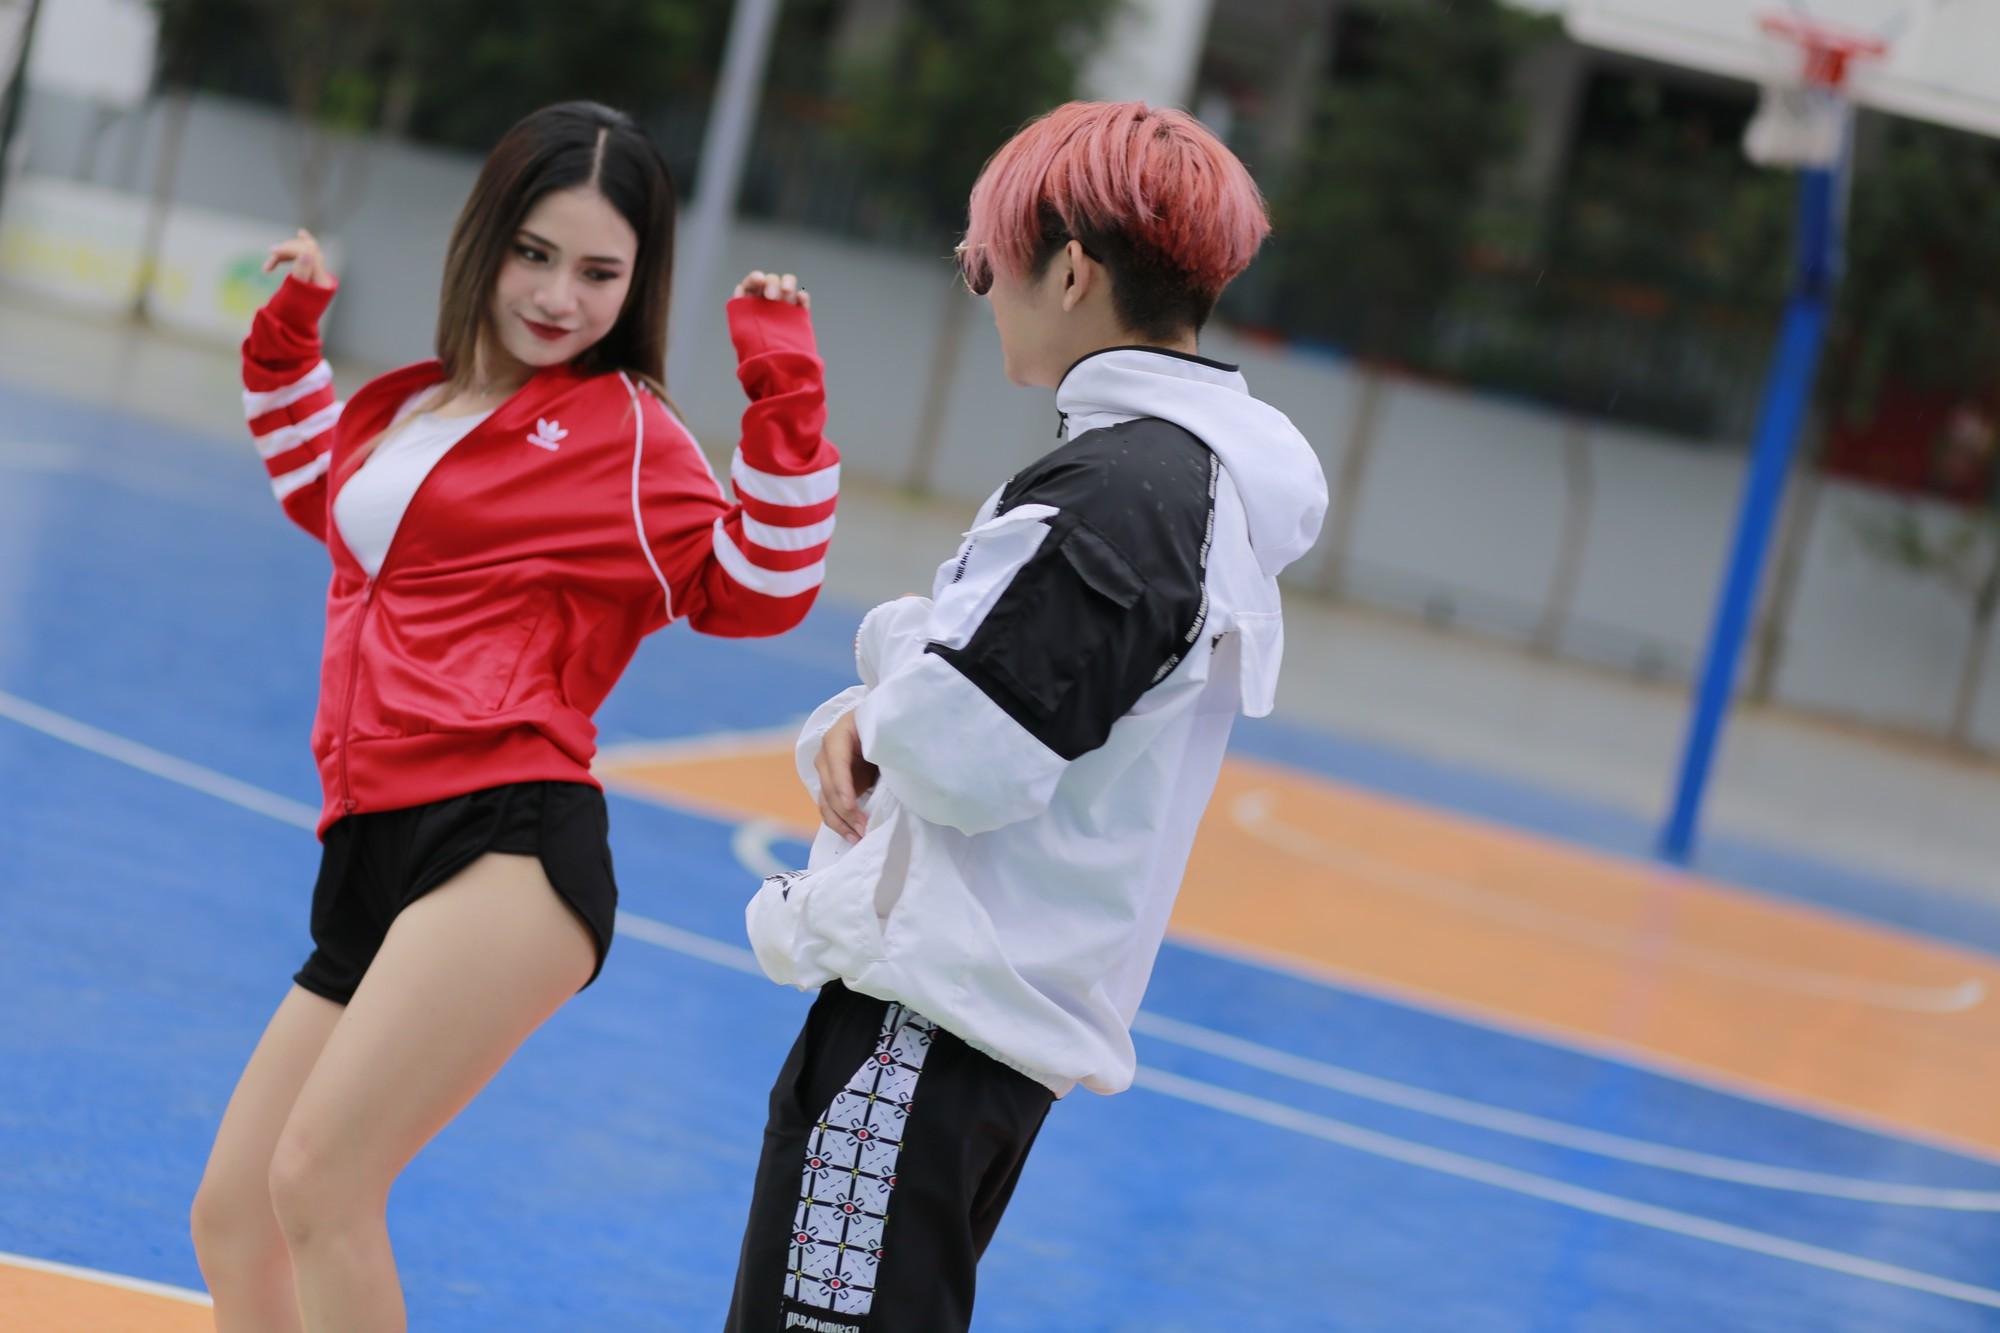 Vừa trở lại sau thời gian yên ắng vì scandal, Hoàng Tôn đã mê đắm gái trẻ thế này  - Ảnh 3.